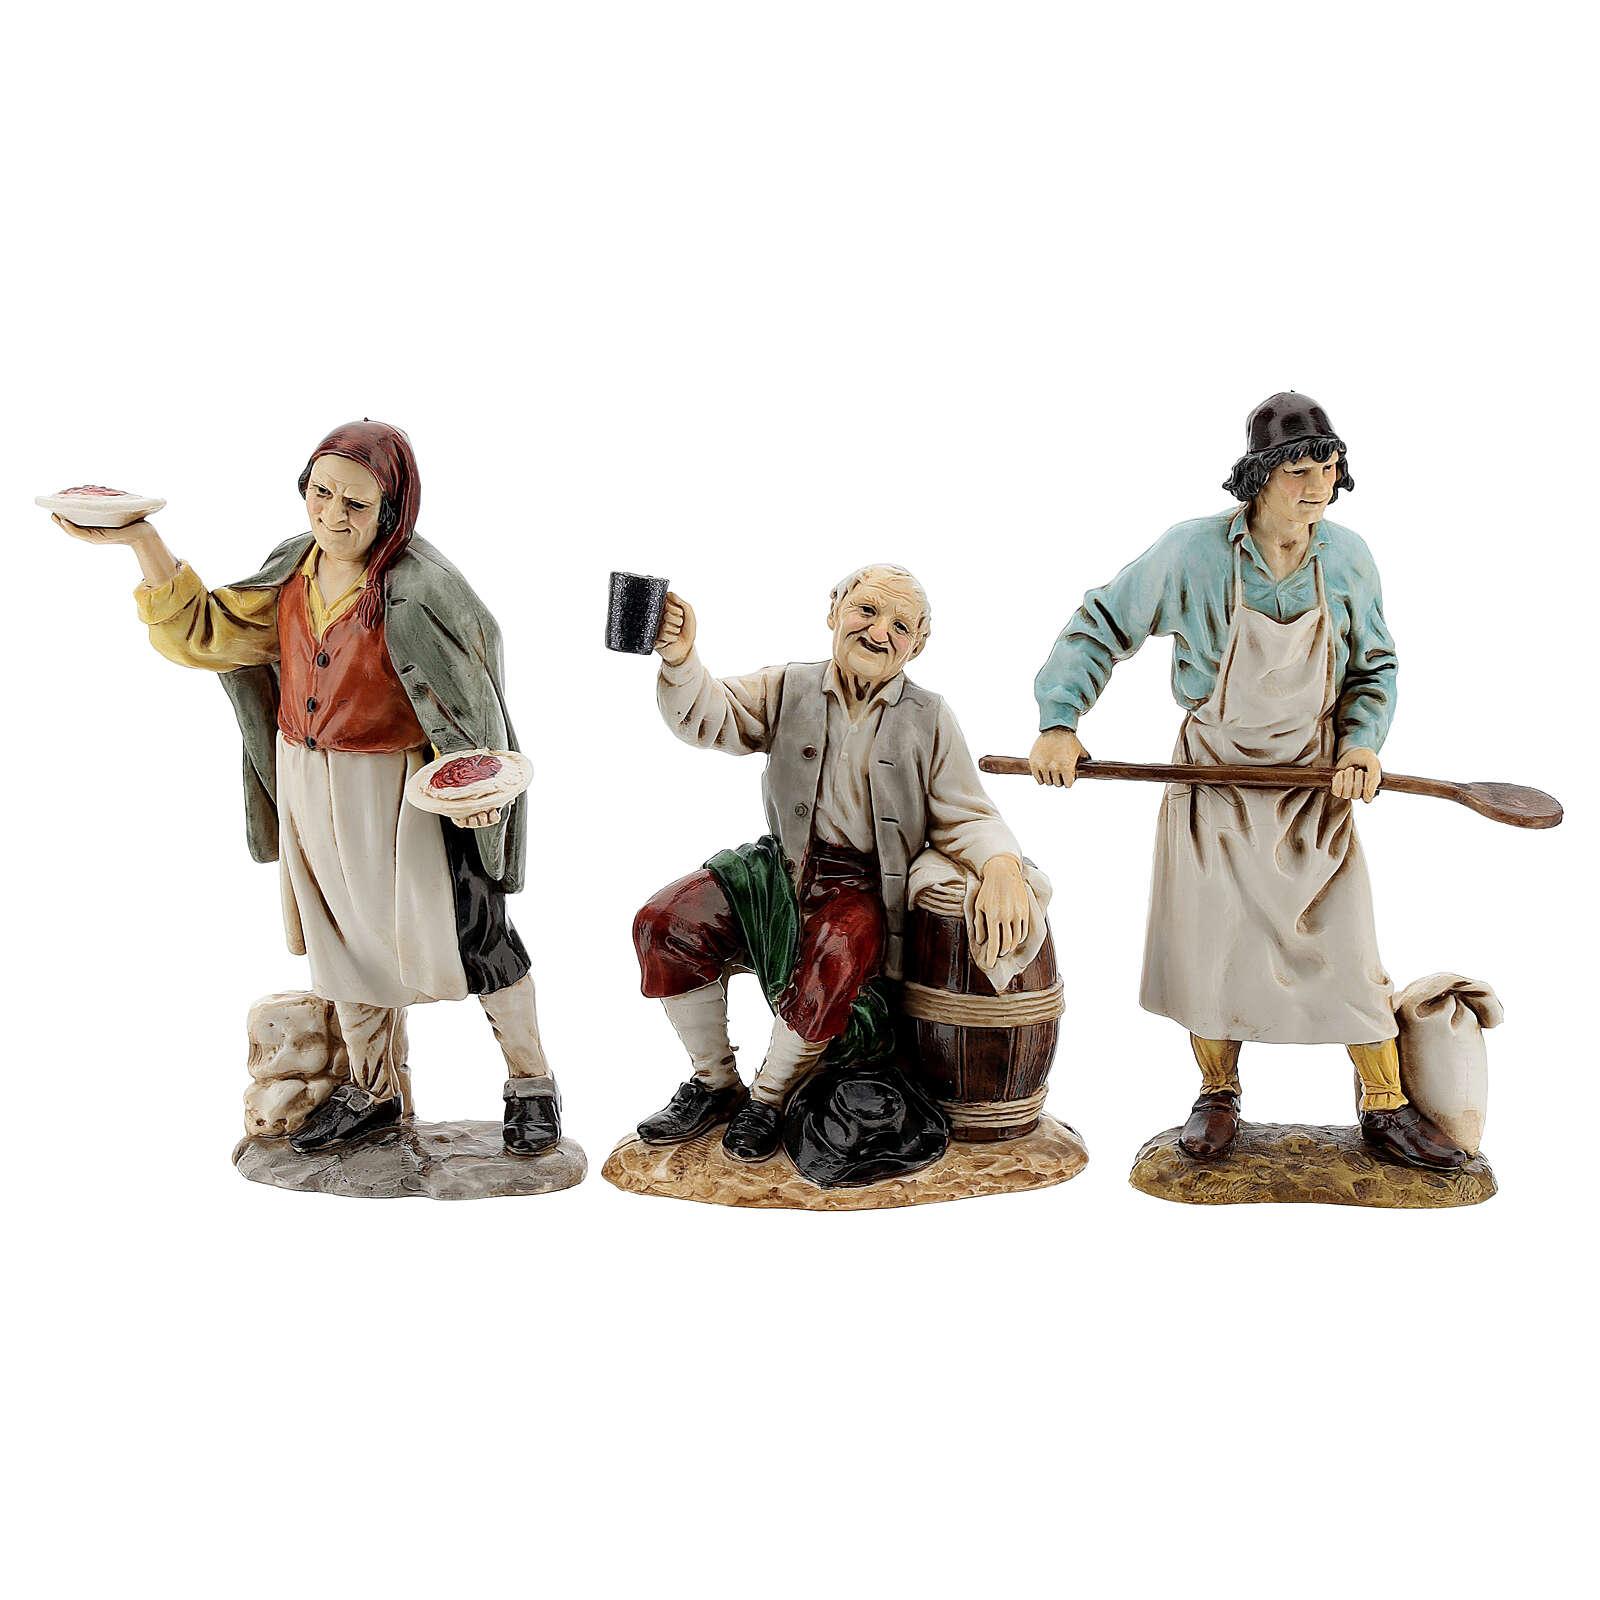 Krippendorf vollständig mit Figuren Moranduzzo, 35x100x45 cm 4